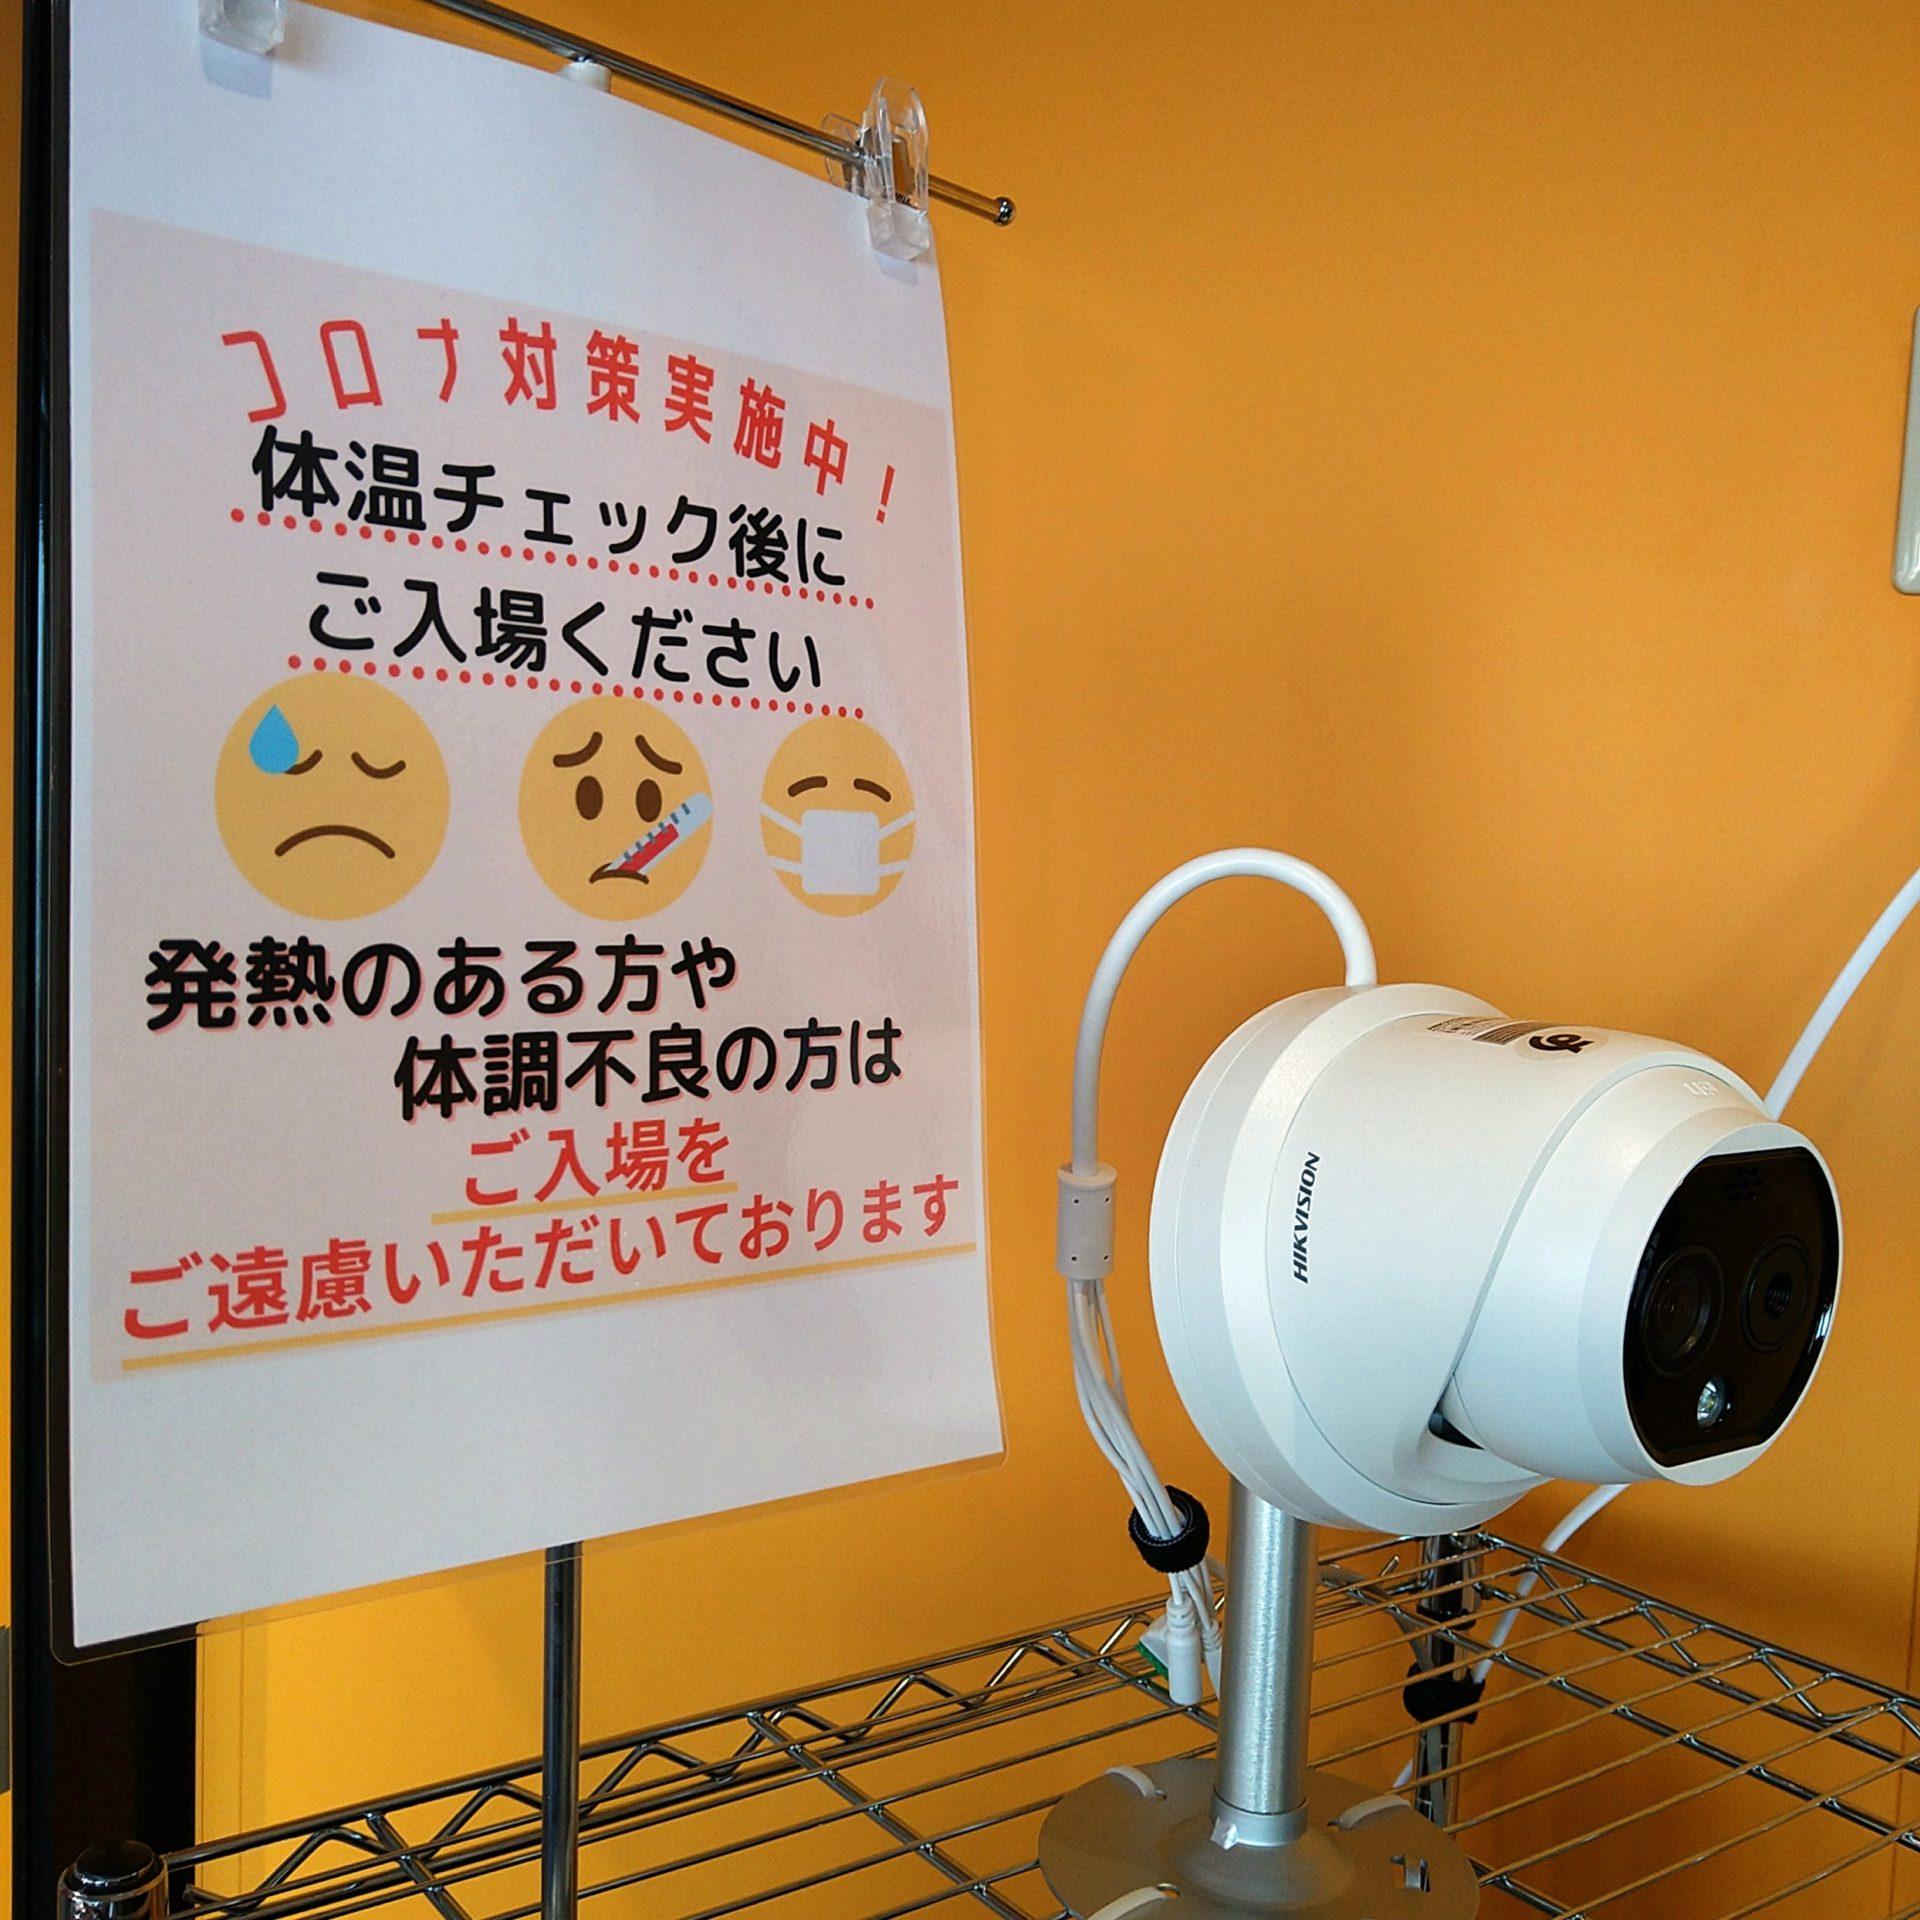 新型コロナウイルス感染拡大防止対策【産直施設】